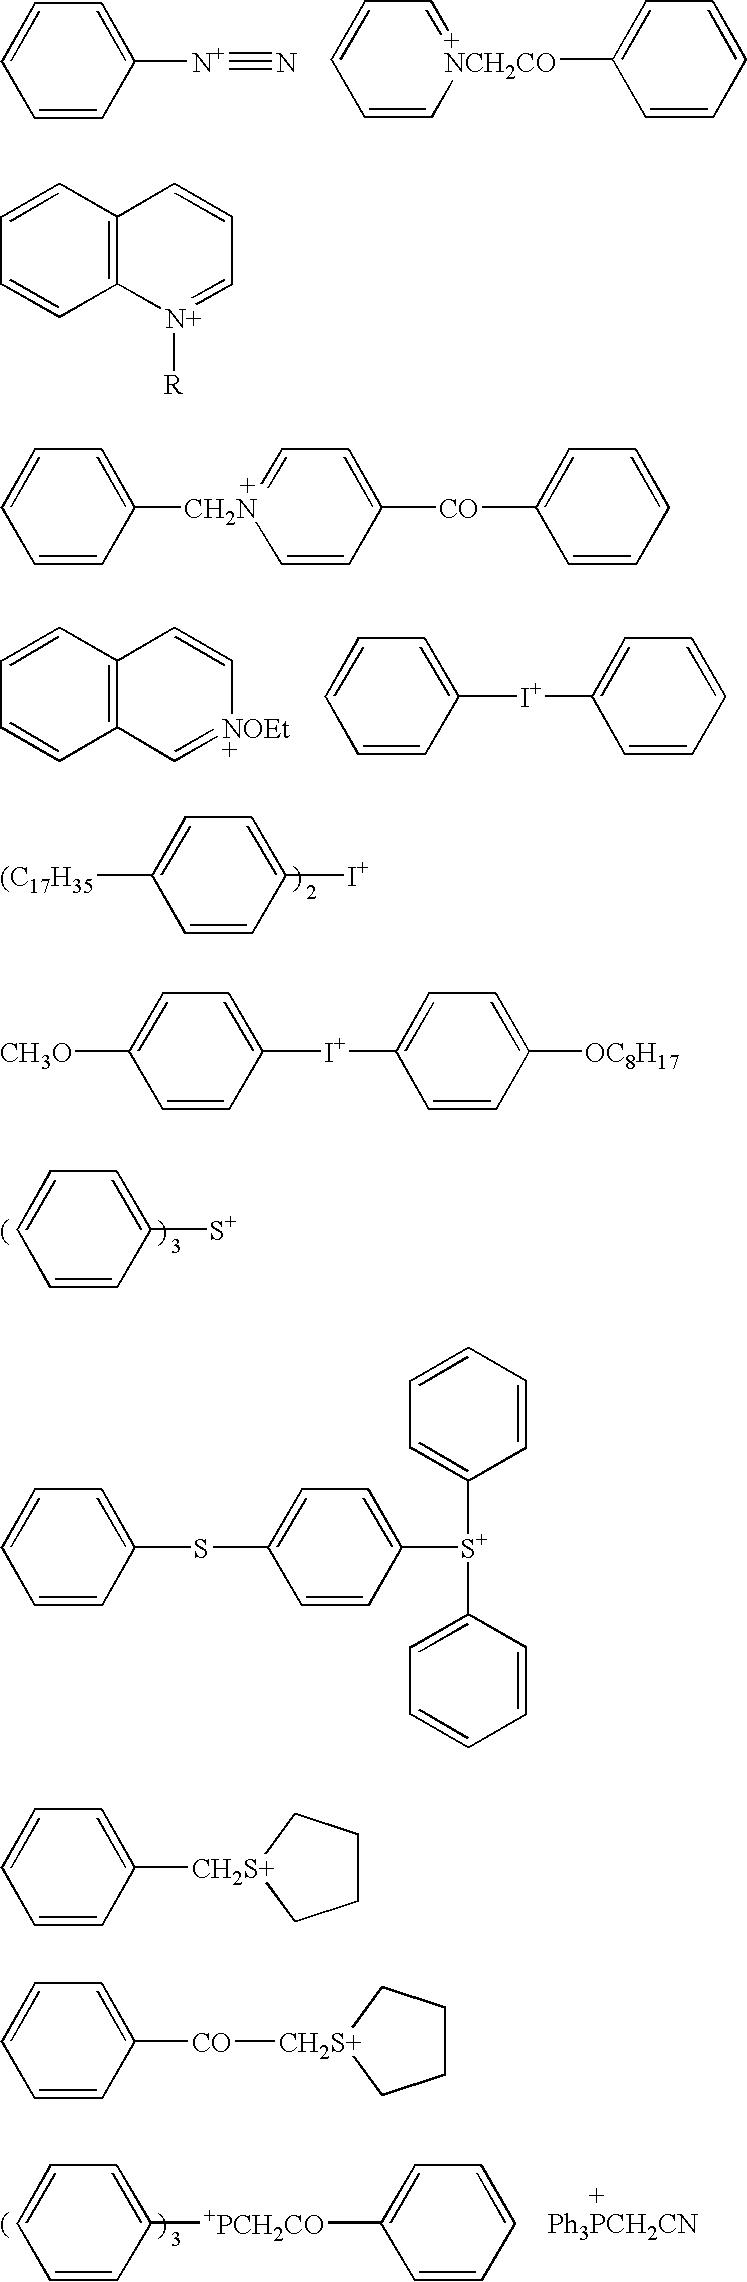 Figure US20040052968A1-20040318-C00006